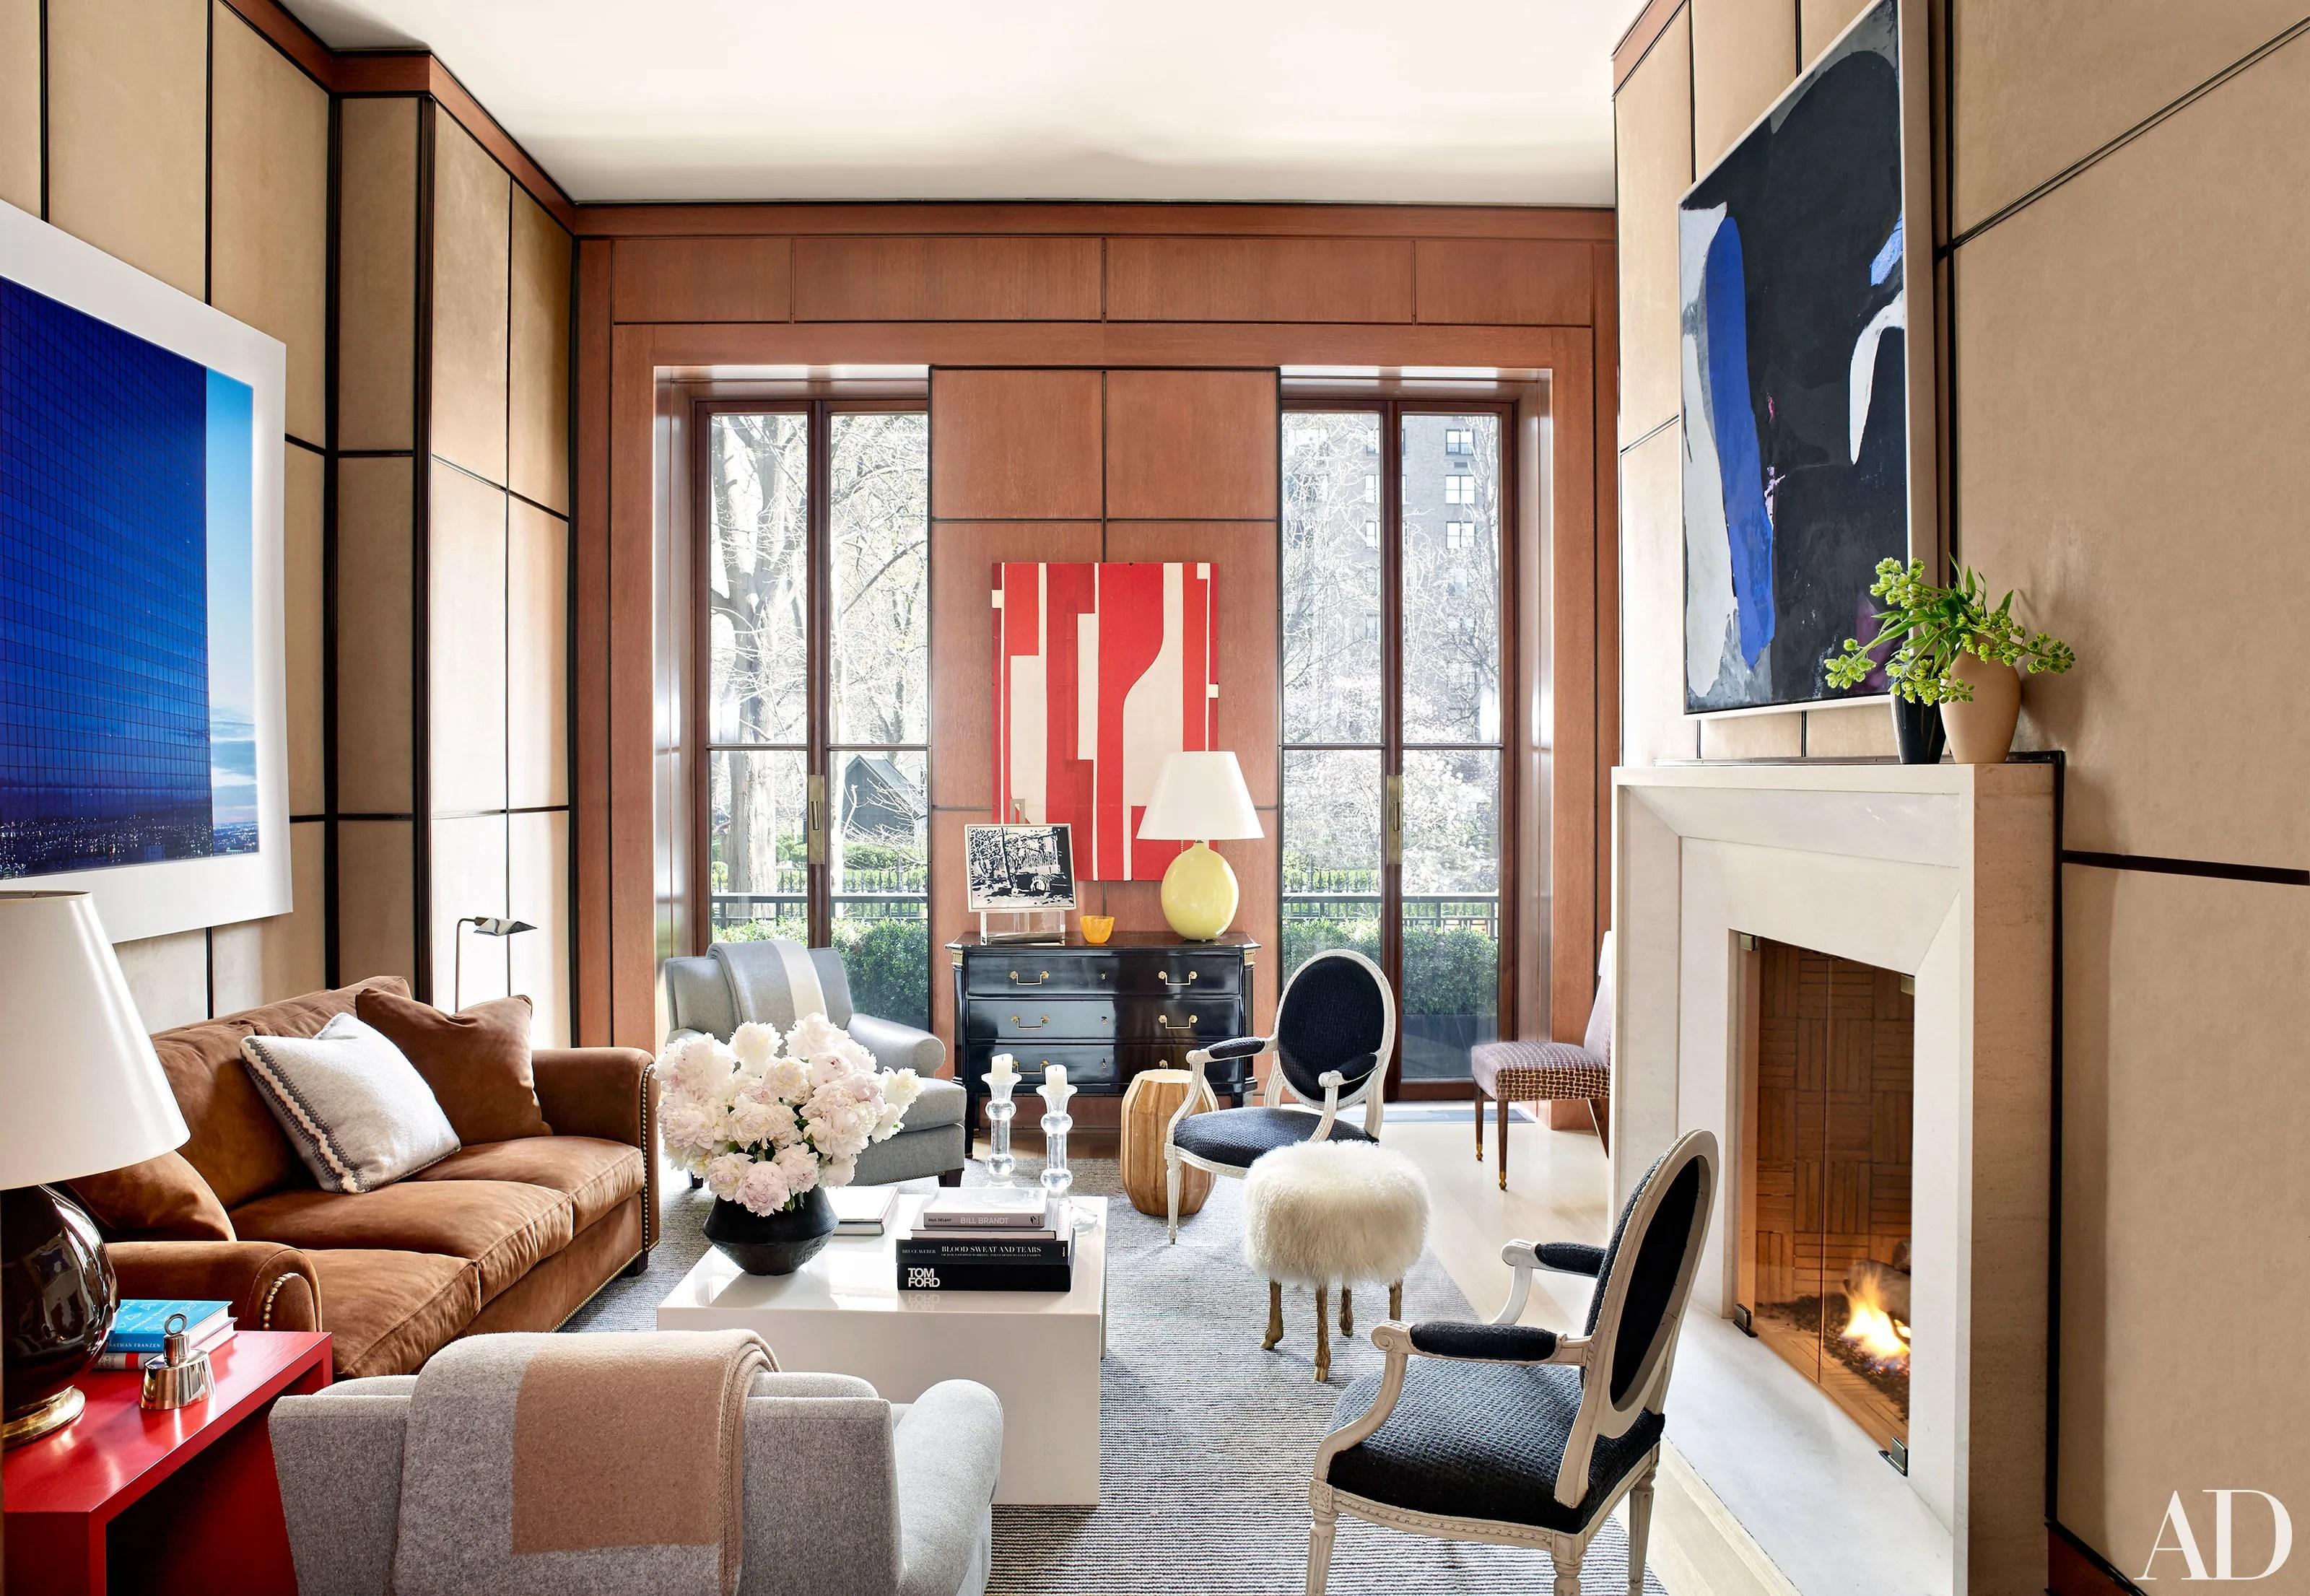 Tour A Gramercy Park Triplex Designed By Eric Cohler